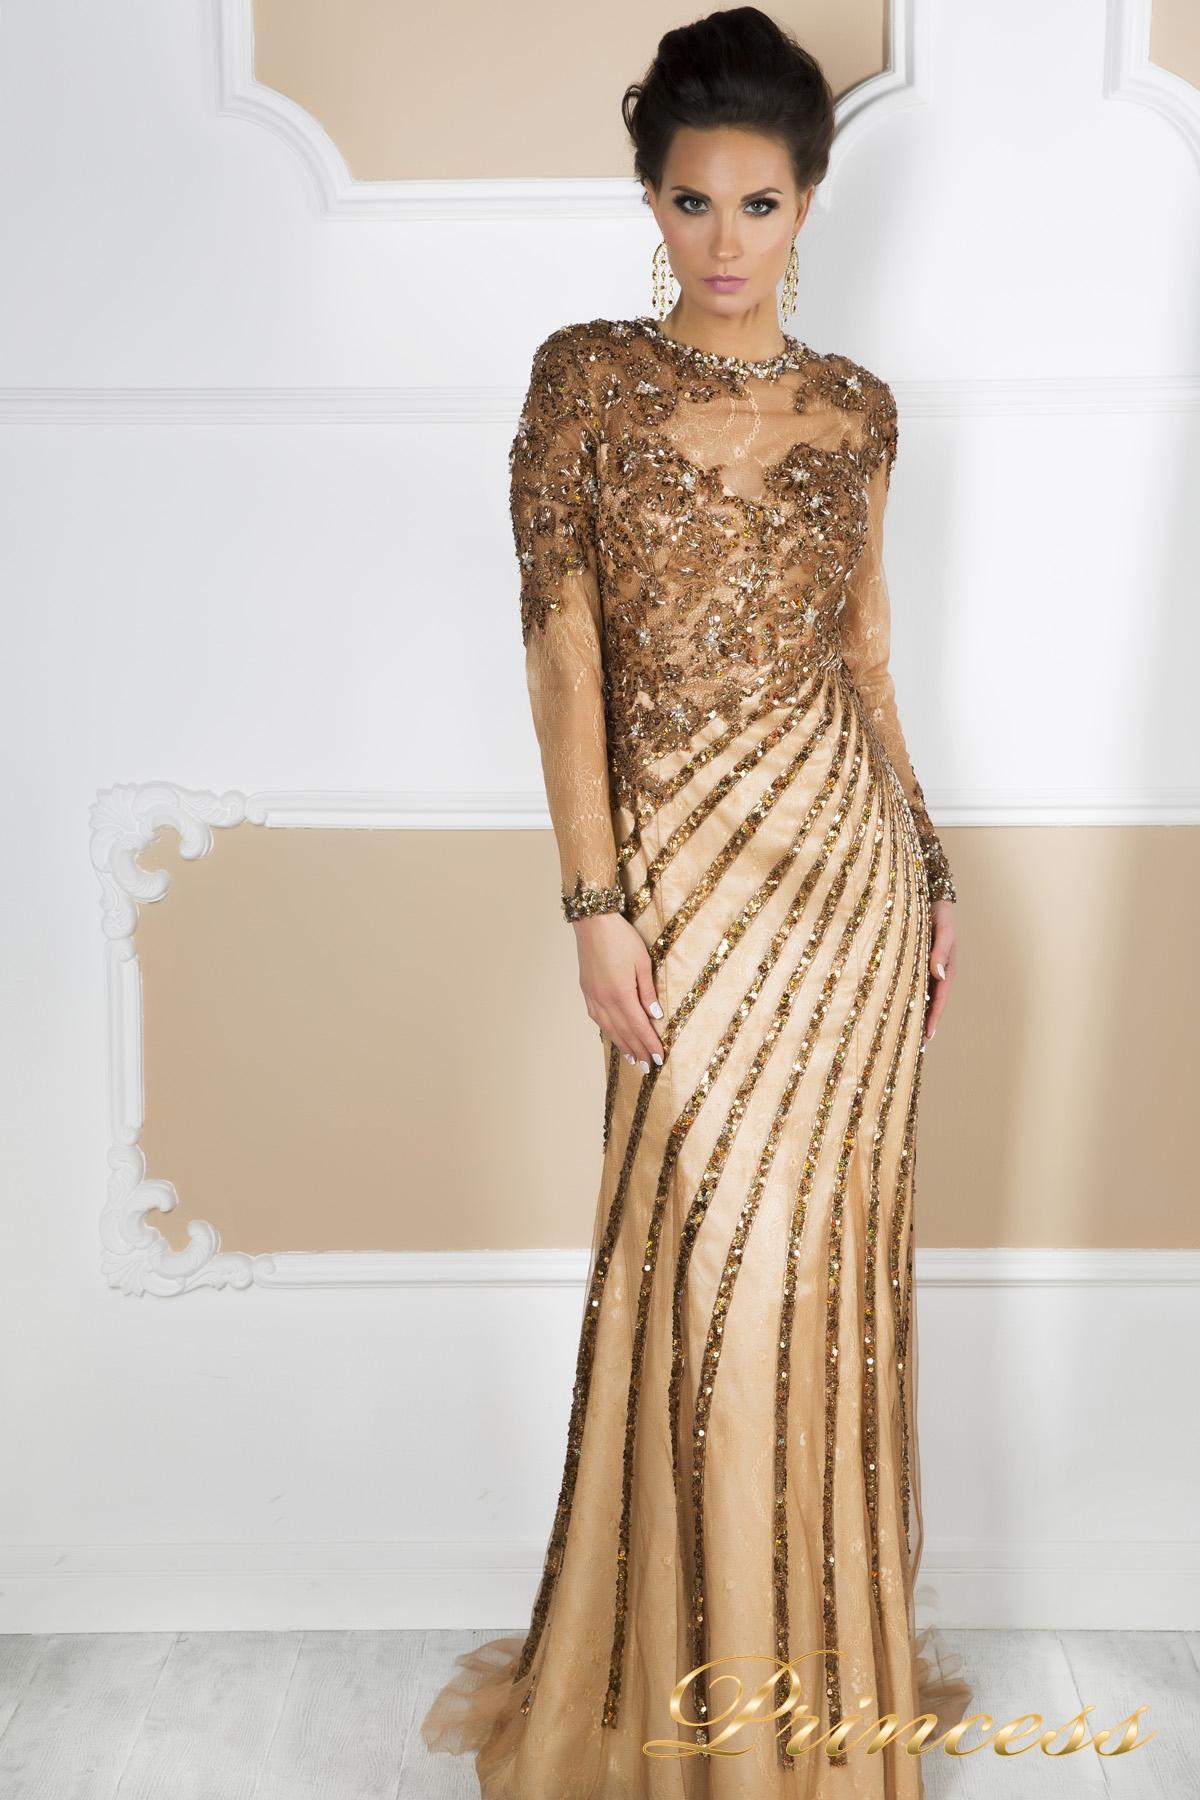 64555e8f1e4e6d0 Купить вечернее платье 12081 пастельного цвета по цене 45000 руб. в ...